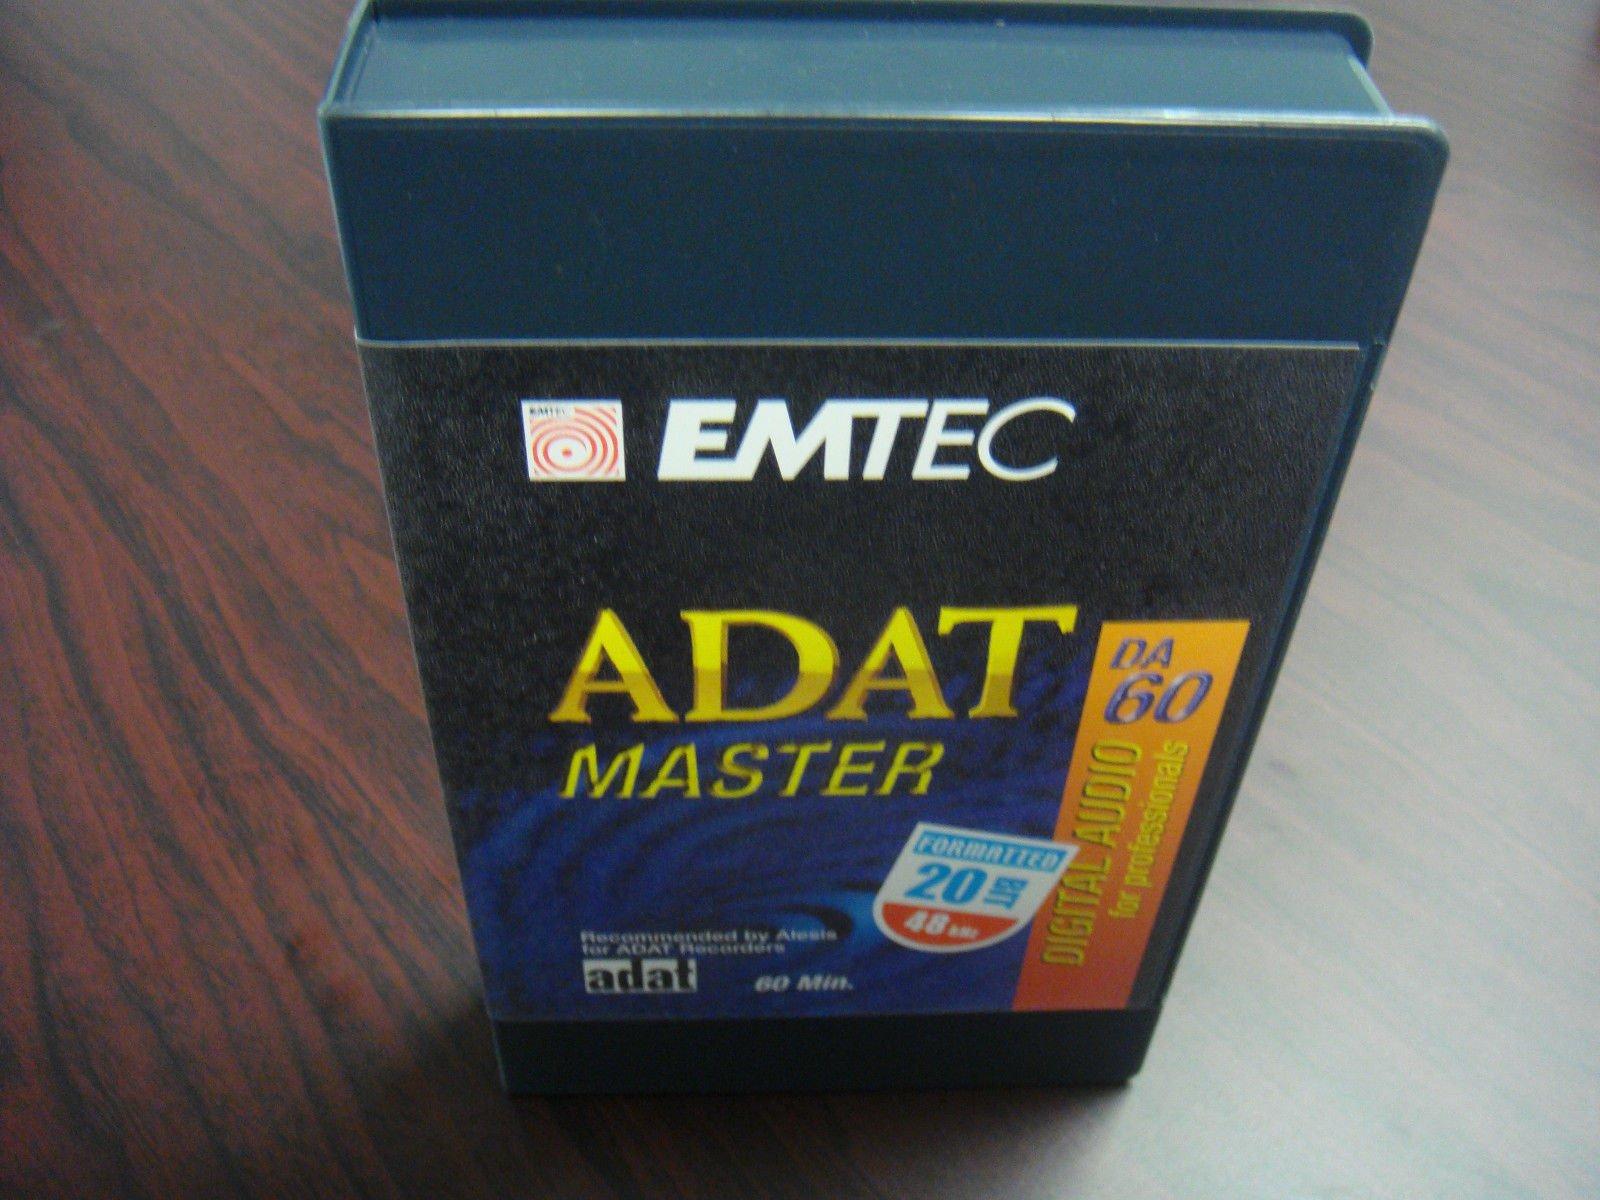 BASF 60-Minute *20 BIT FORMATTED Blank ADAT Tape in Case